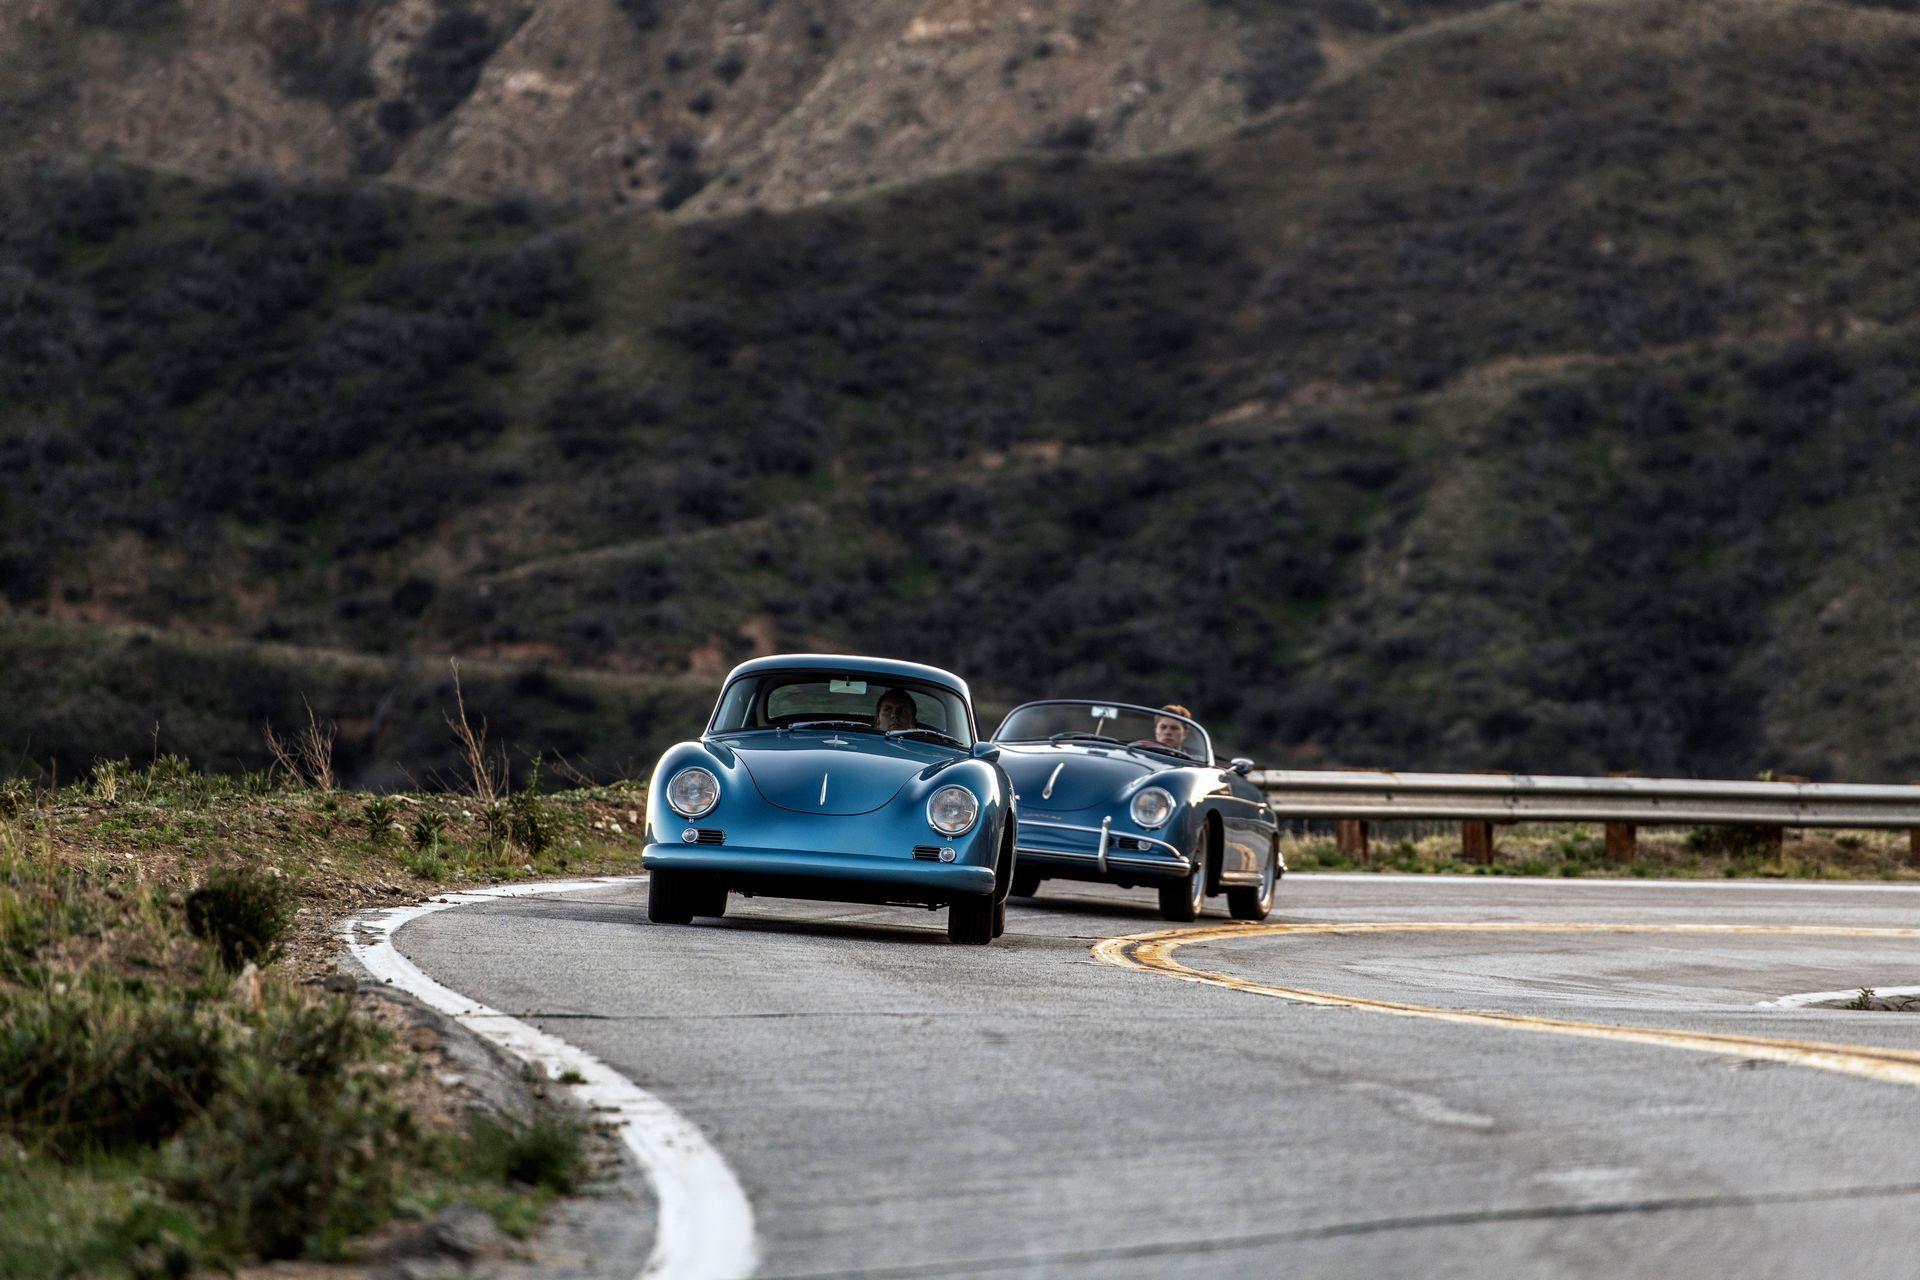 Porsche-356-A-Coupe-Restomod-Emory-Motorsports-15